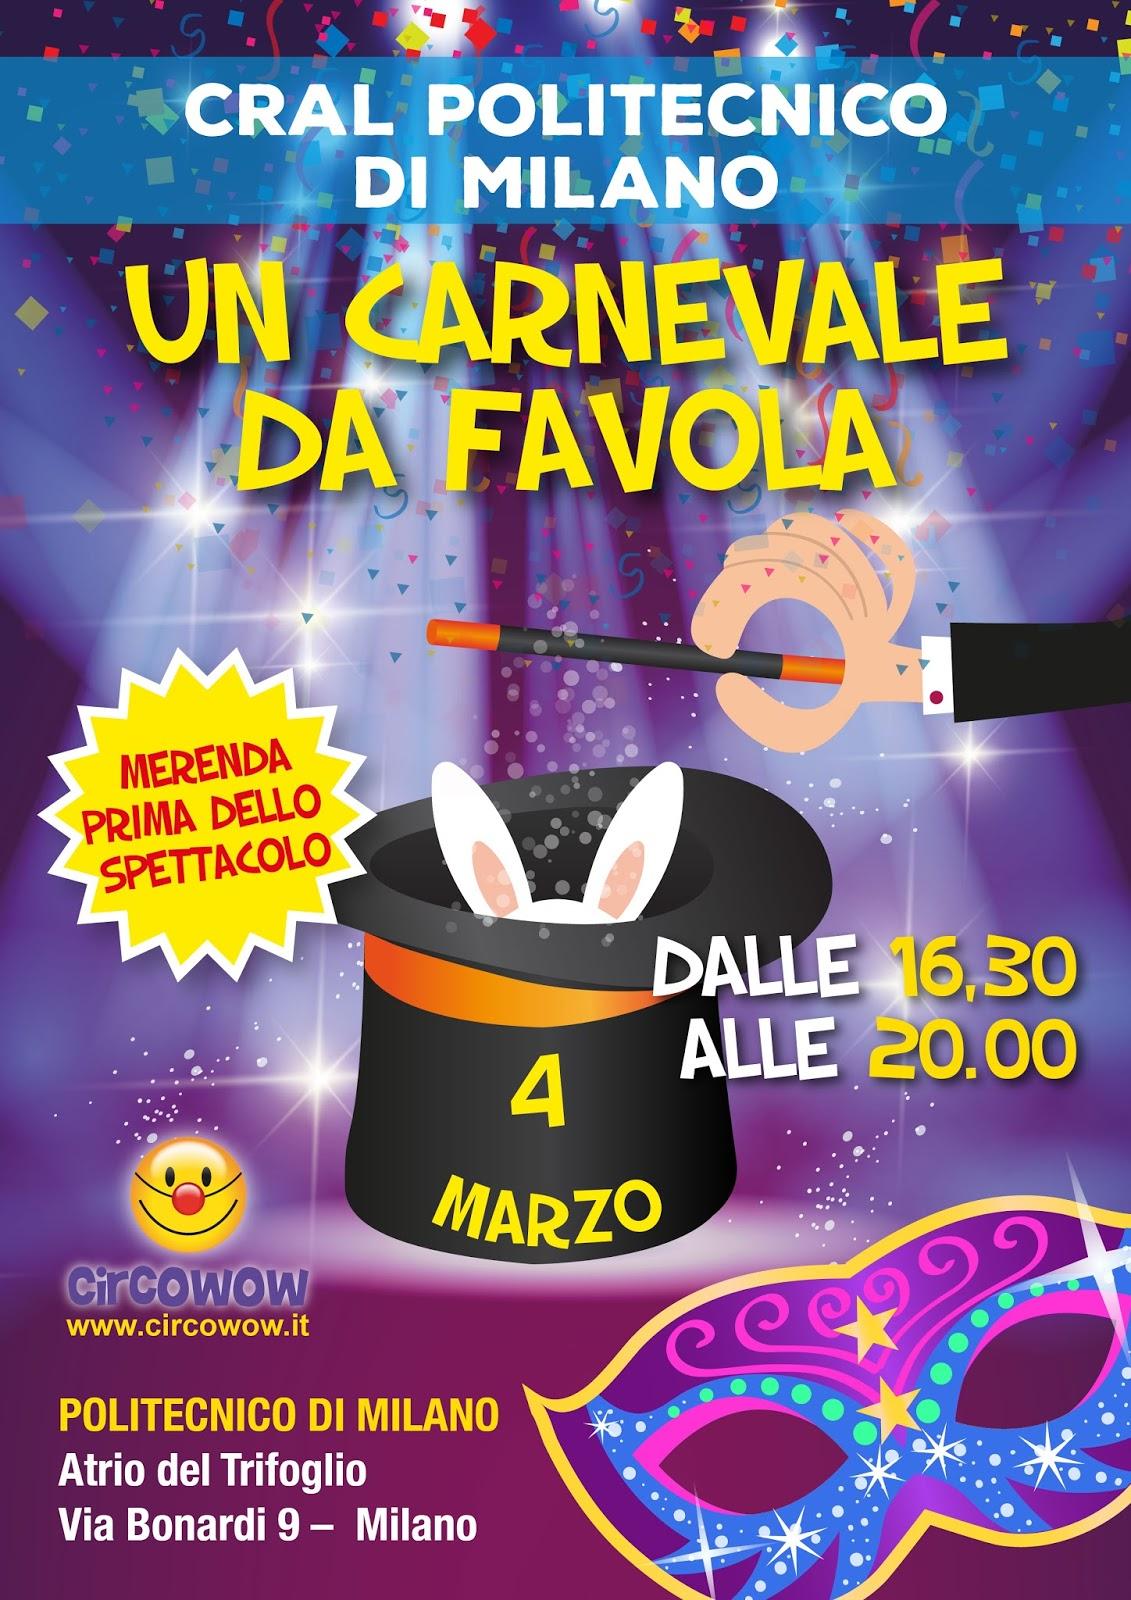 Cral polimi festa di carnevale for Politecnico milano iscrizione